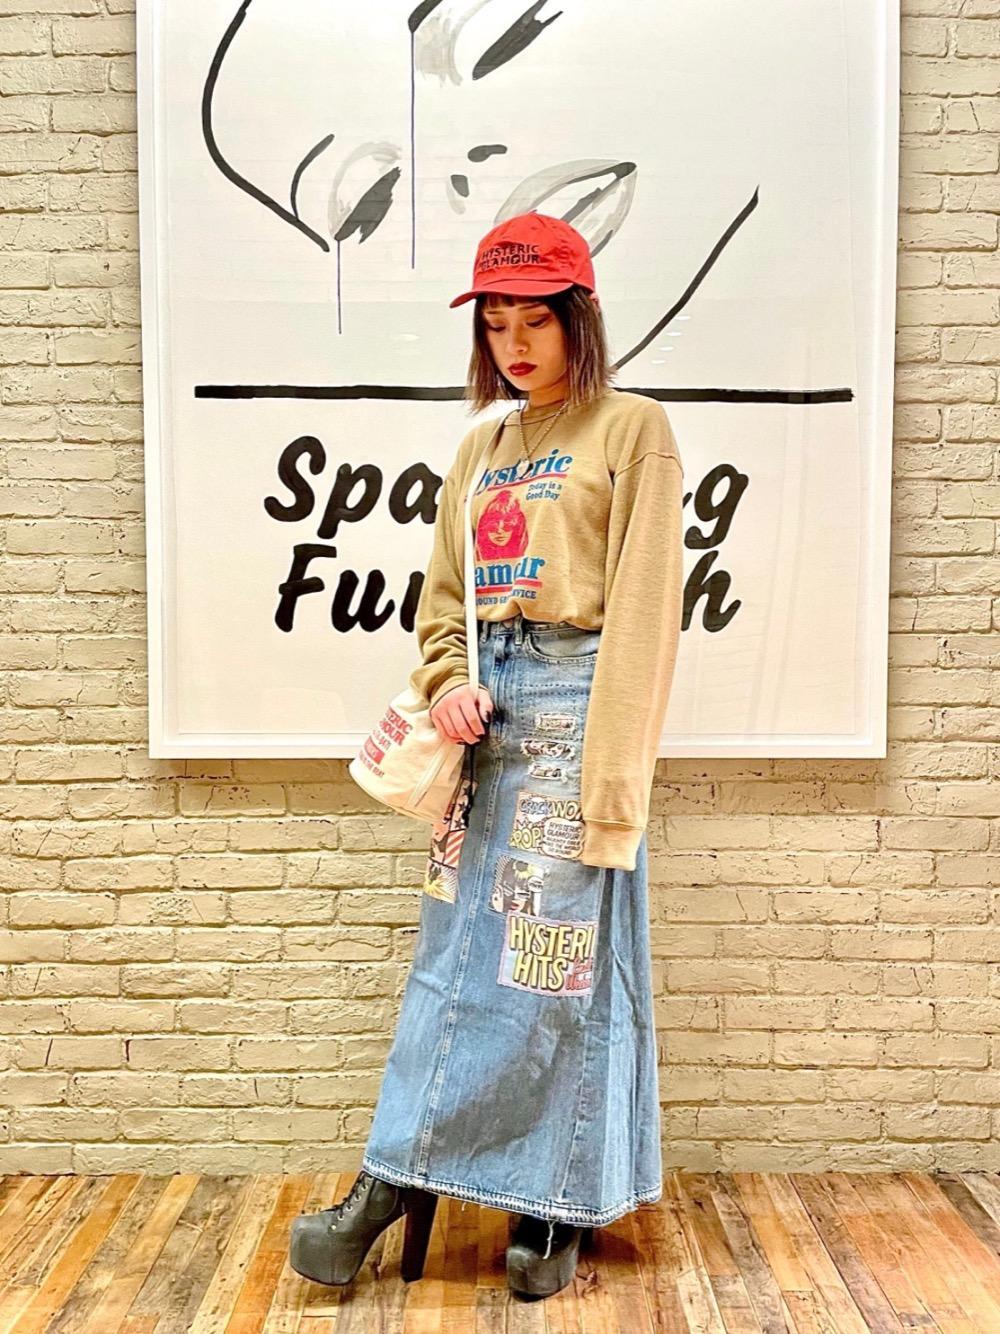 ニットのような素材感のスウェットは着心地が良く、人気のデザインです✨ ユニセックスで着用いただけます!